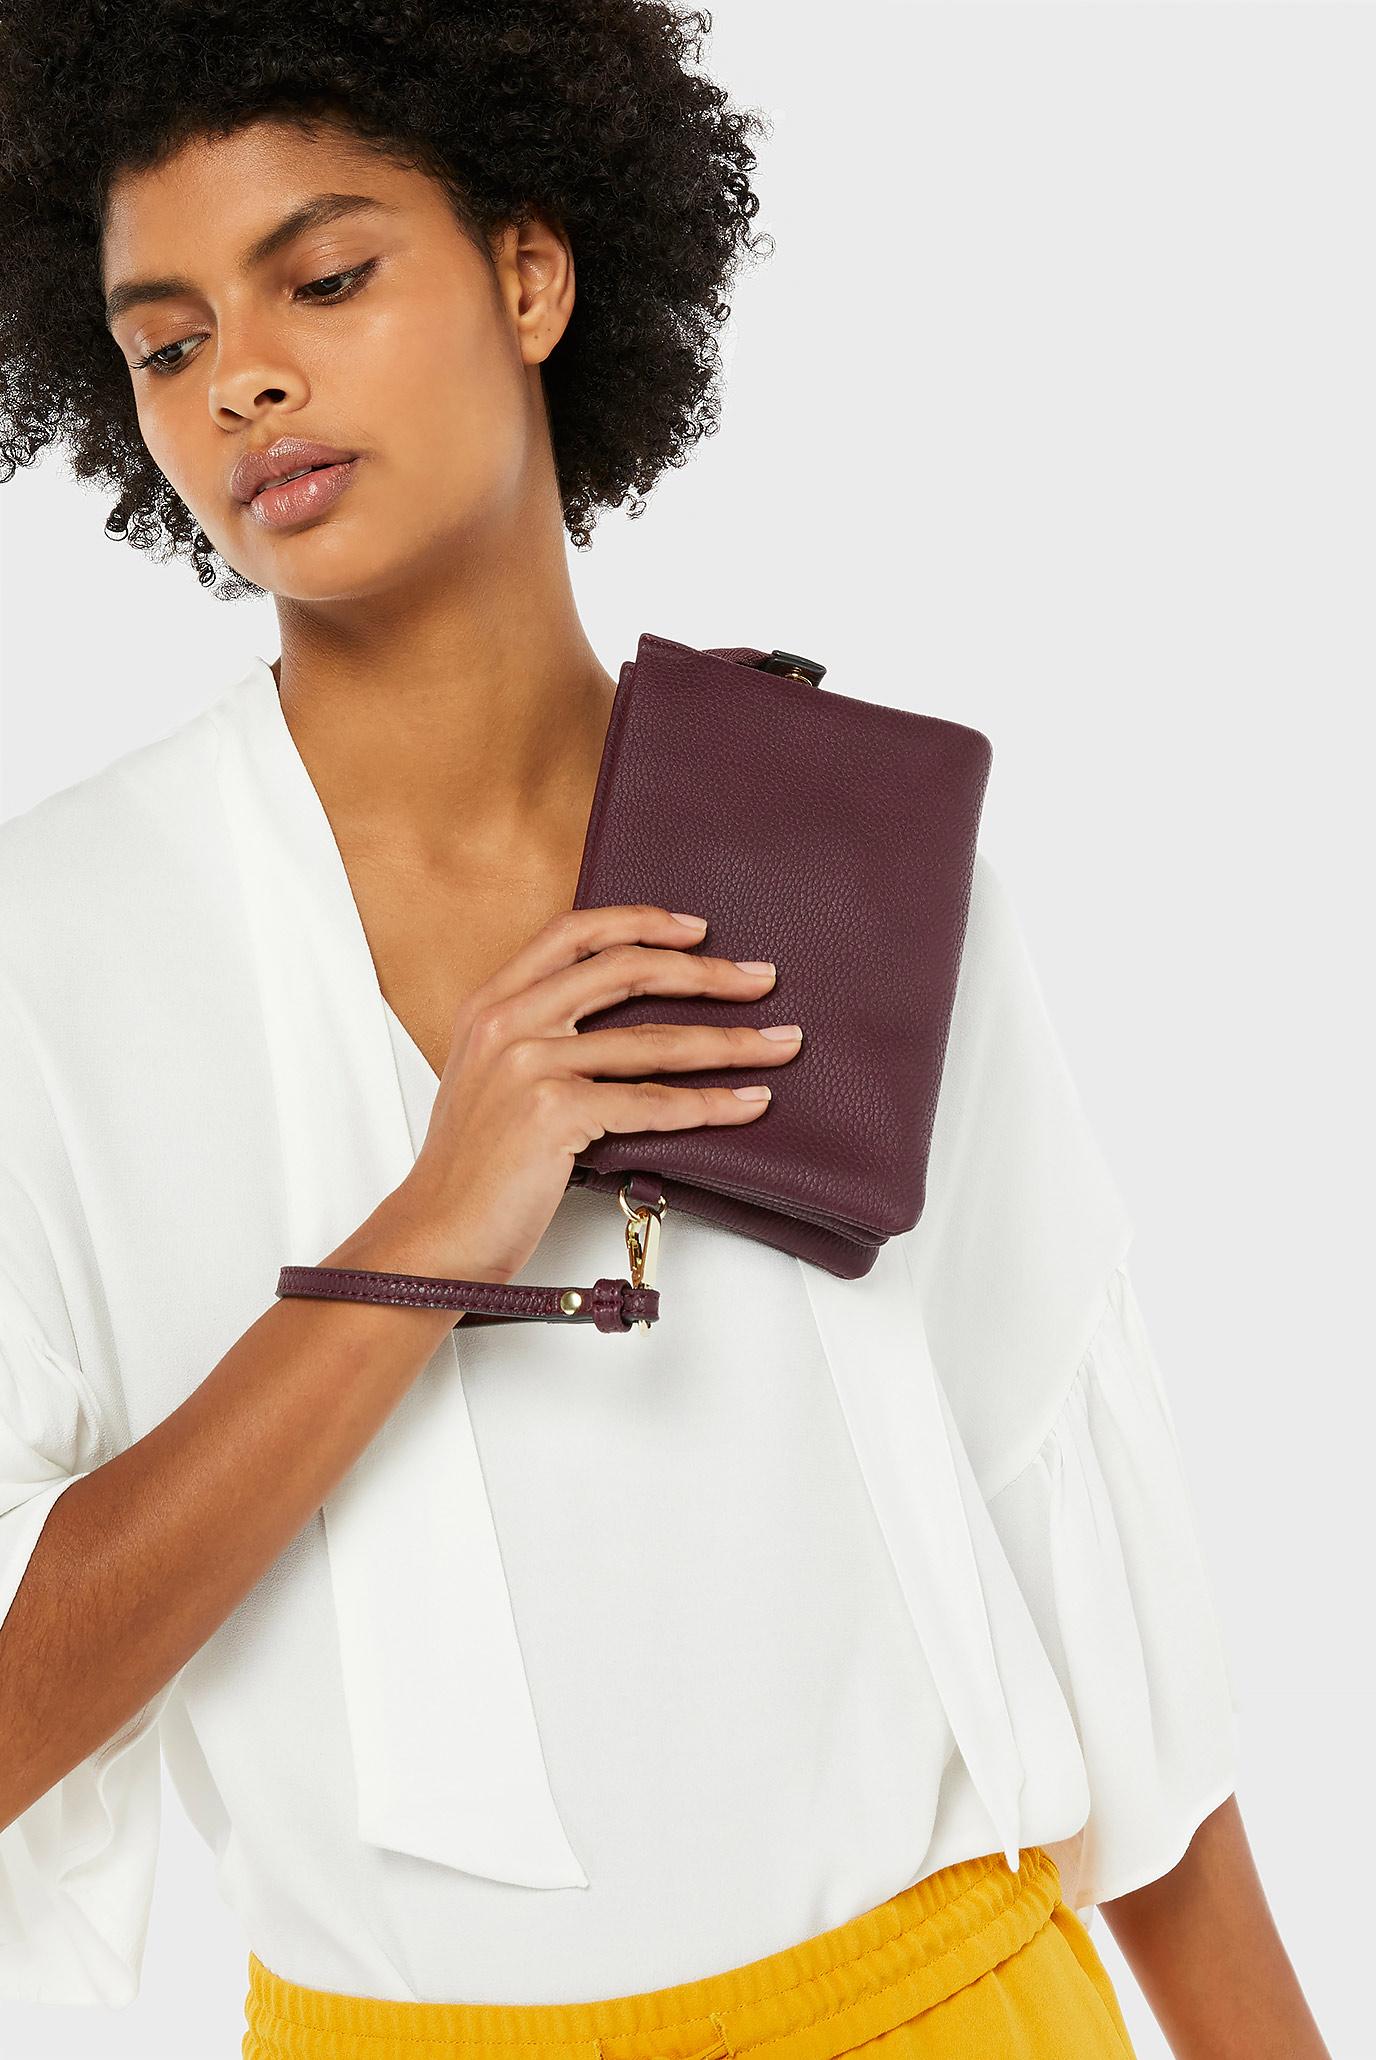 Купить Женская бордовая сумка через плечо SHERATON XBODY Accessorize Accessorize 589842 – Киев, Украина. Цены в интернет магазине MD Fashion